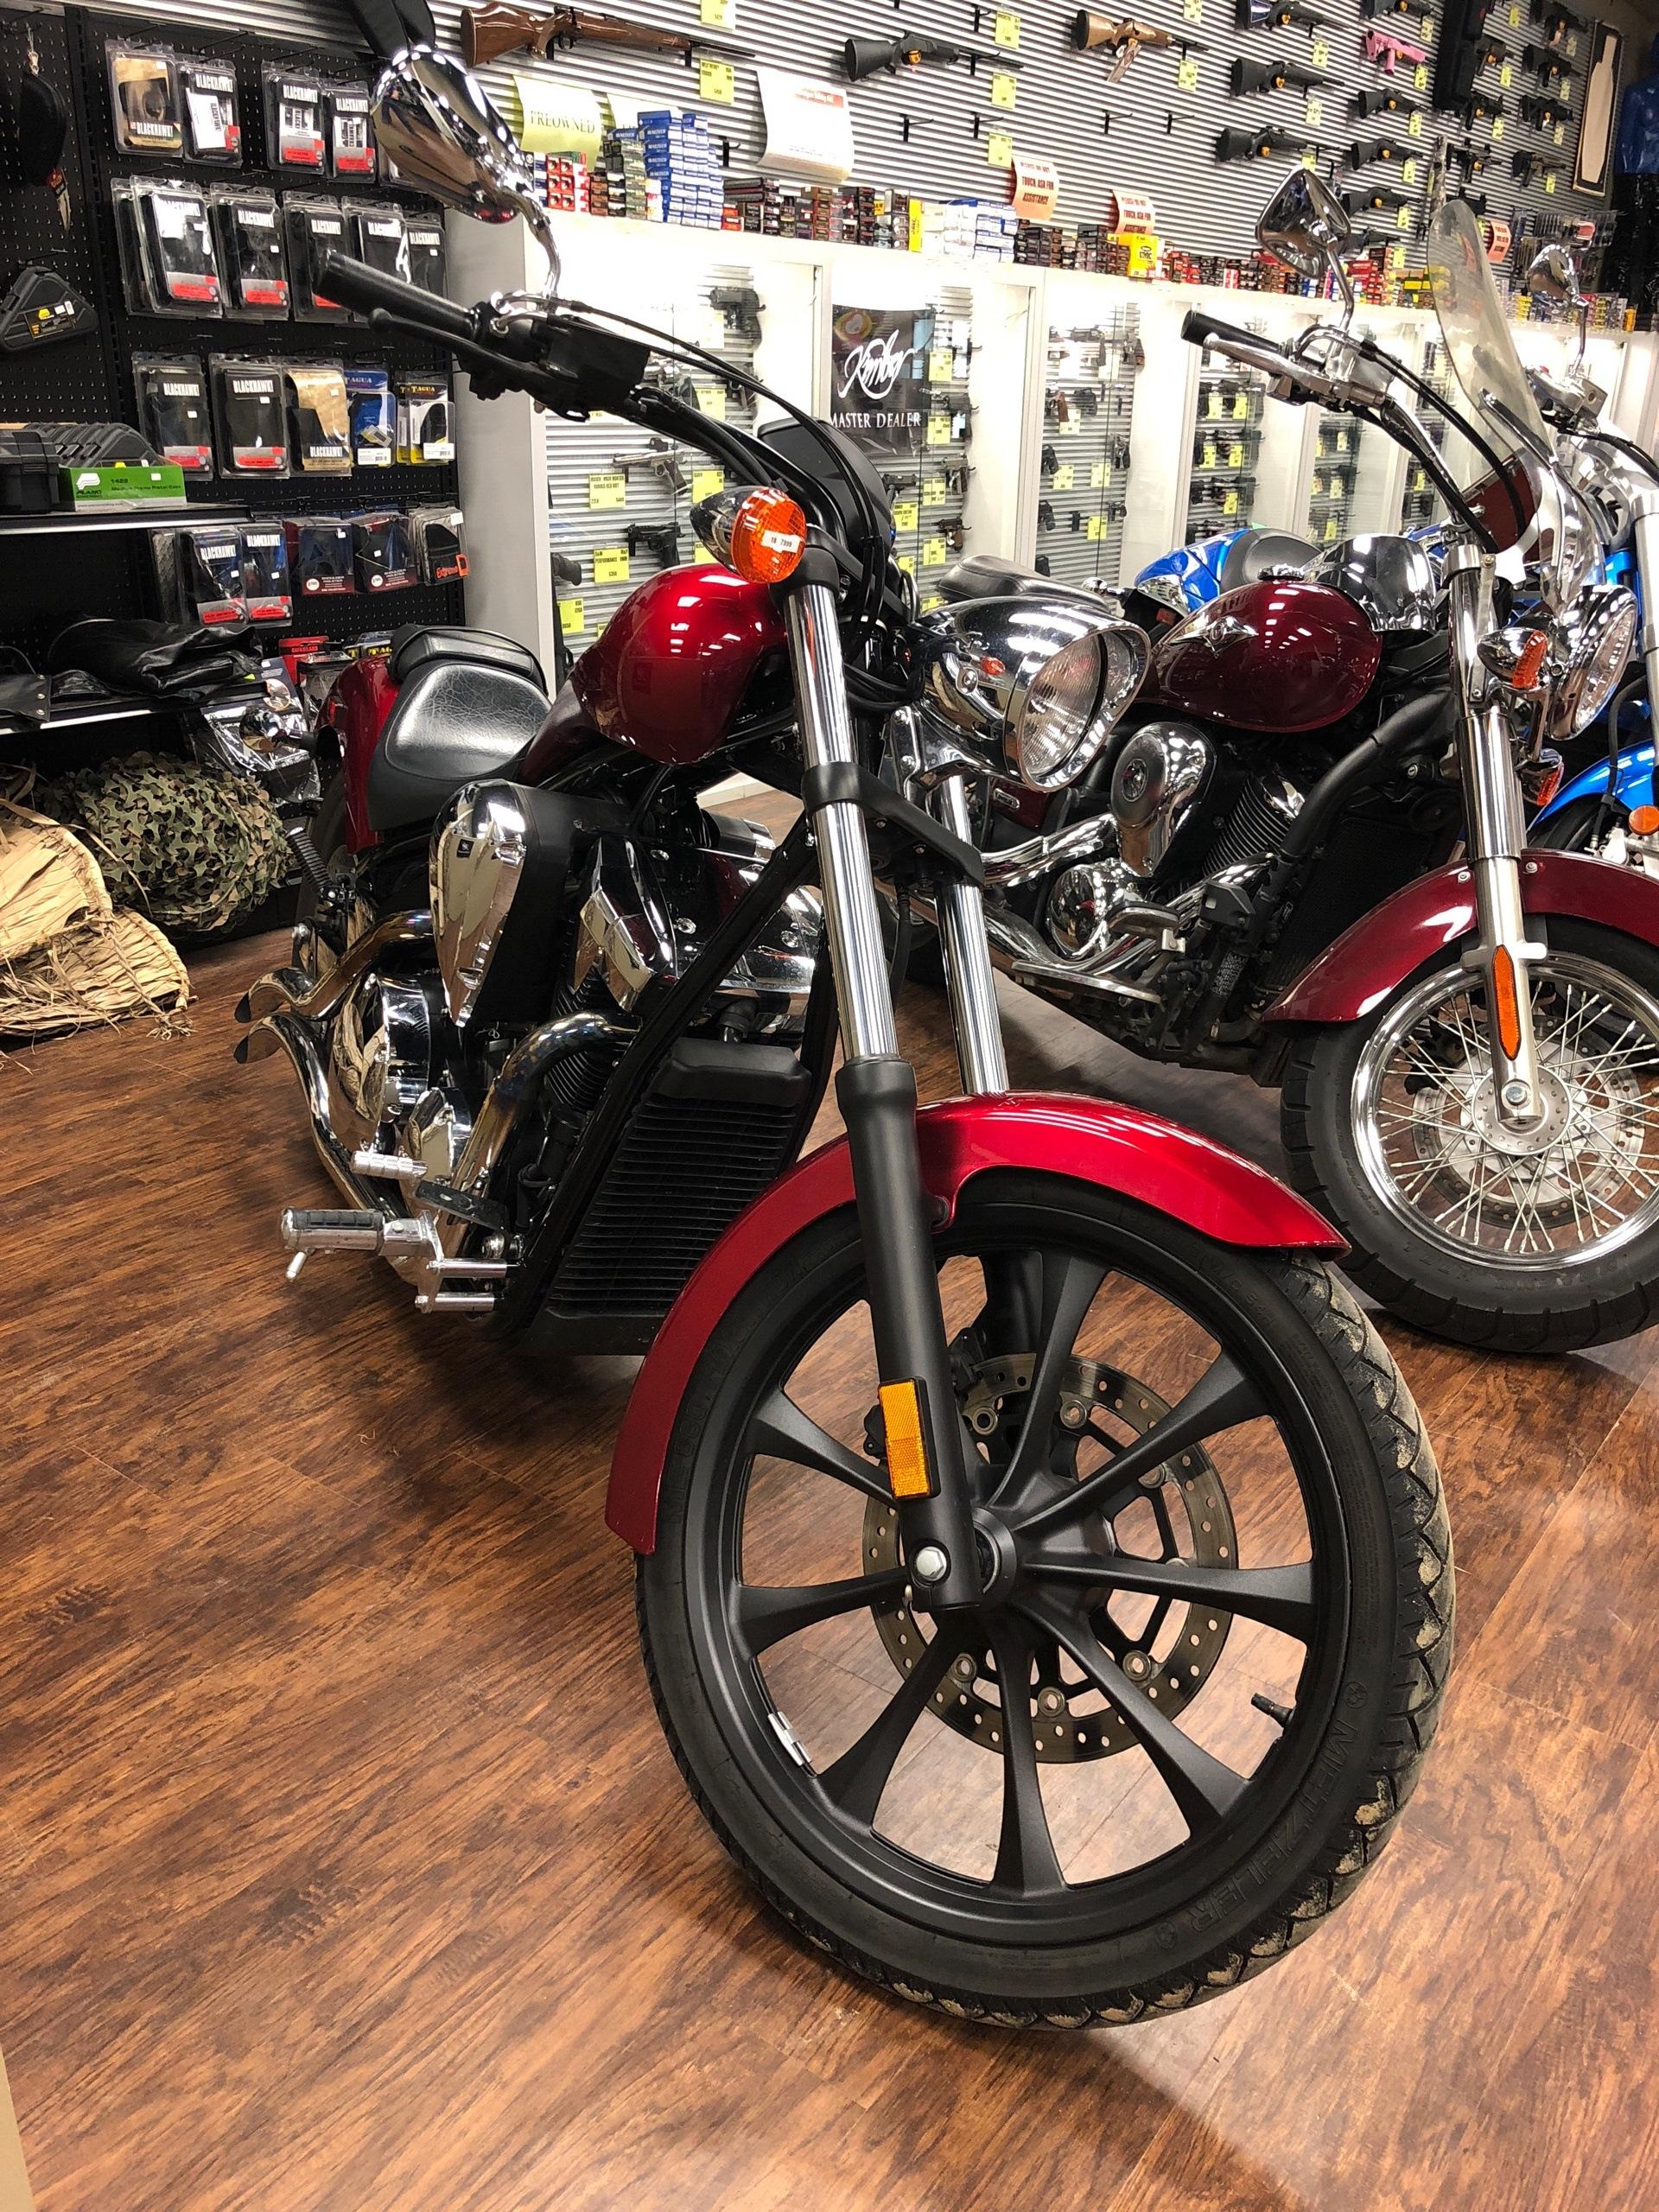 Used 2018 Honda Fury Motorcycles In Tyler Tx Stock Number 00329